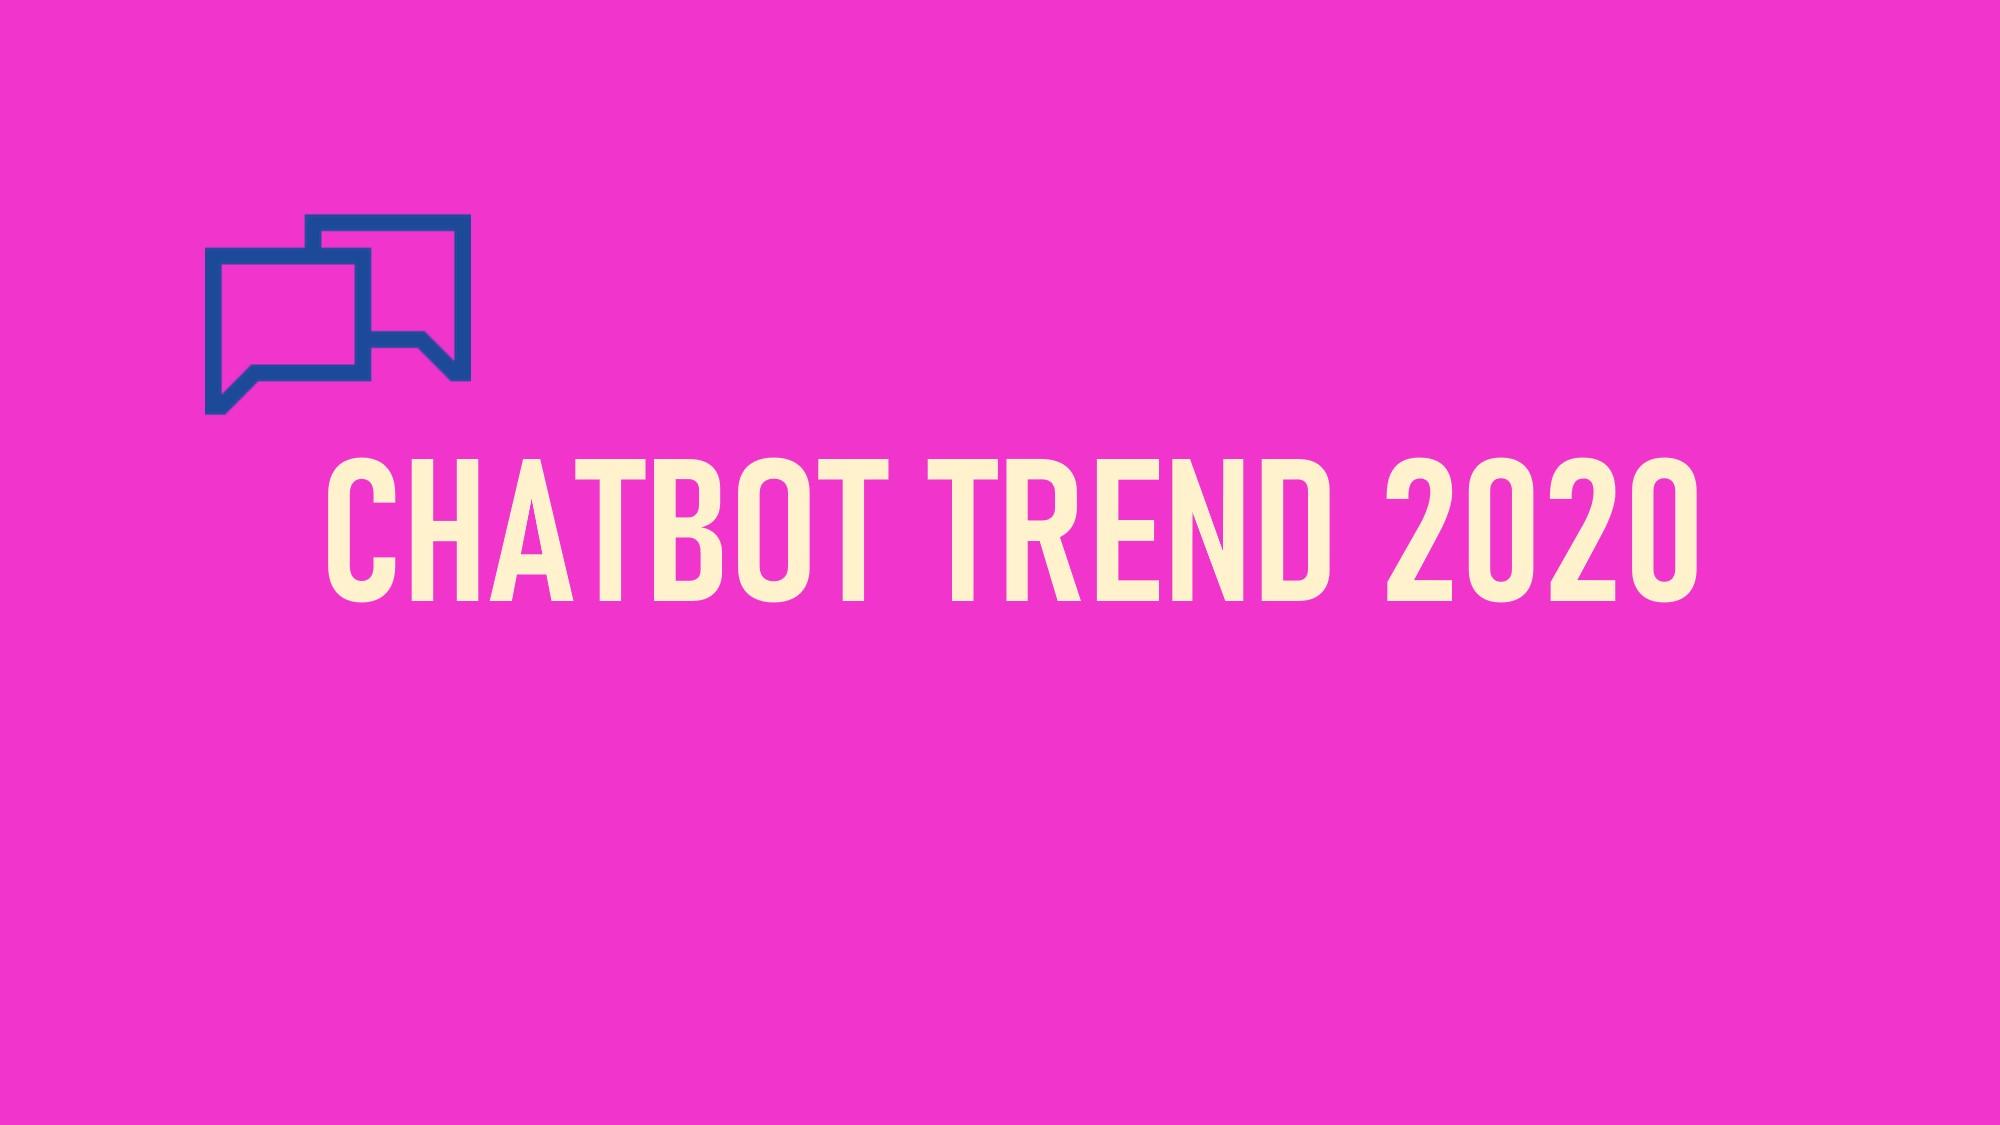 챗봇 트렌드 2020: 챗봇이 이끄는 UX의 혁명 Chatbot Trend 2020: UX Revolution Led by Chatbot